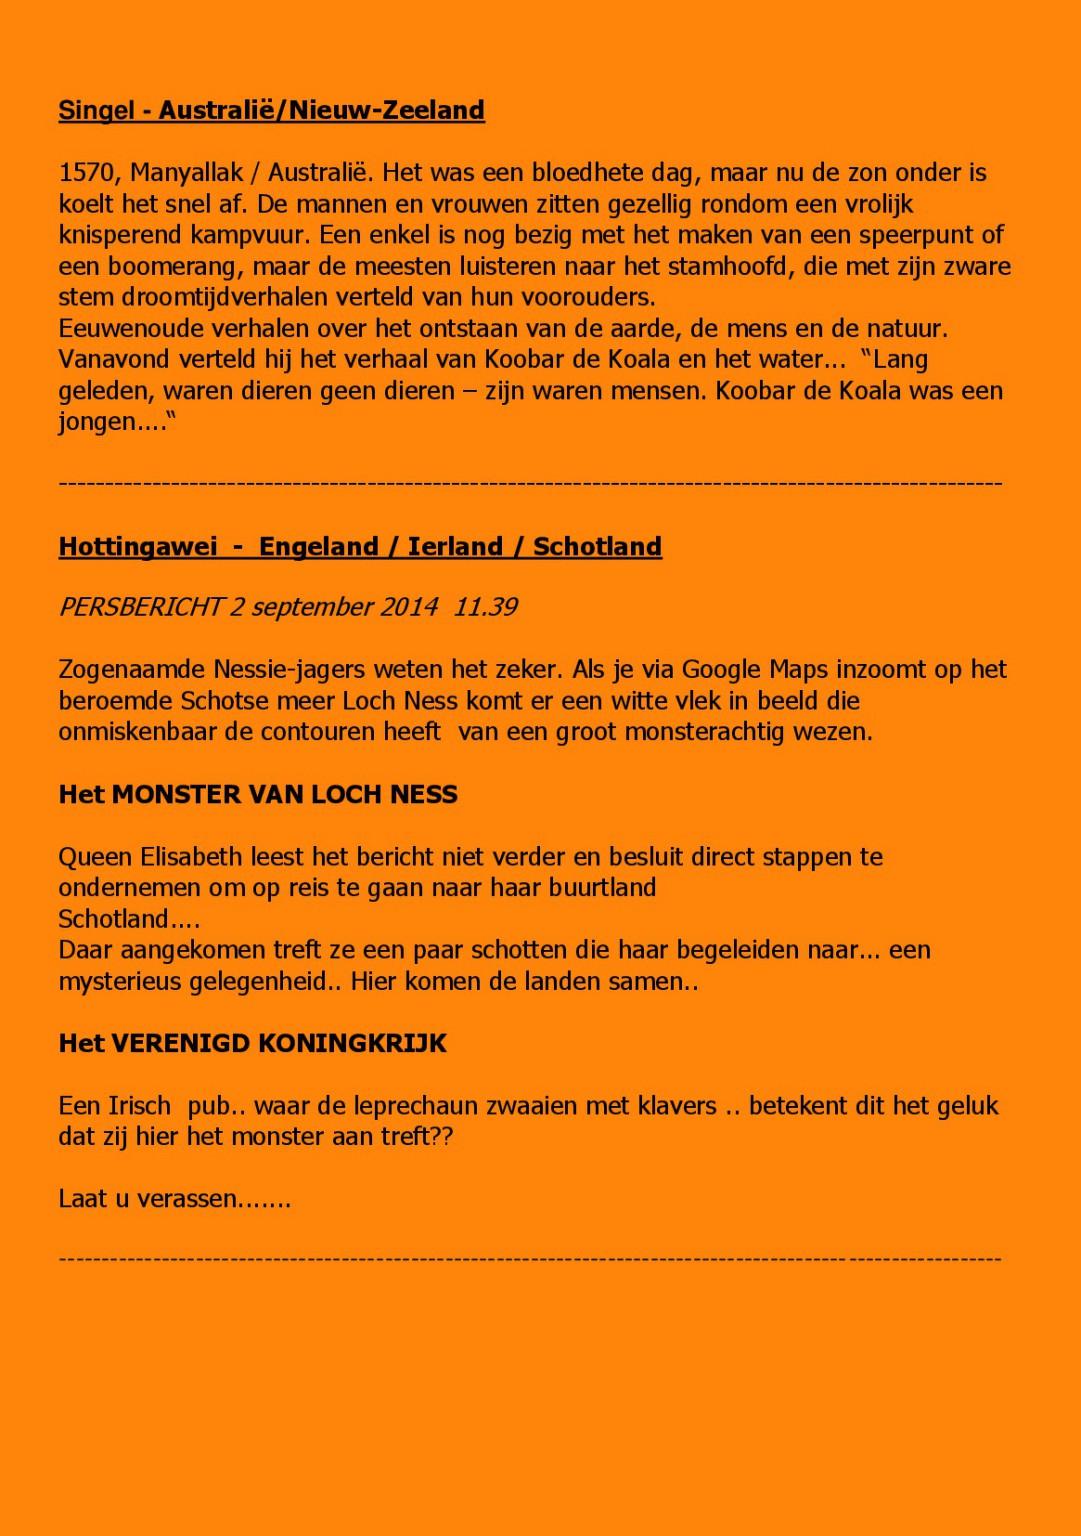 http://www.oranjenijland.nl/wp_oranjenijland/wp-content/uploads/2014/08/5400da02f07b3-2-1081x1536.jpg